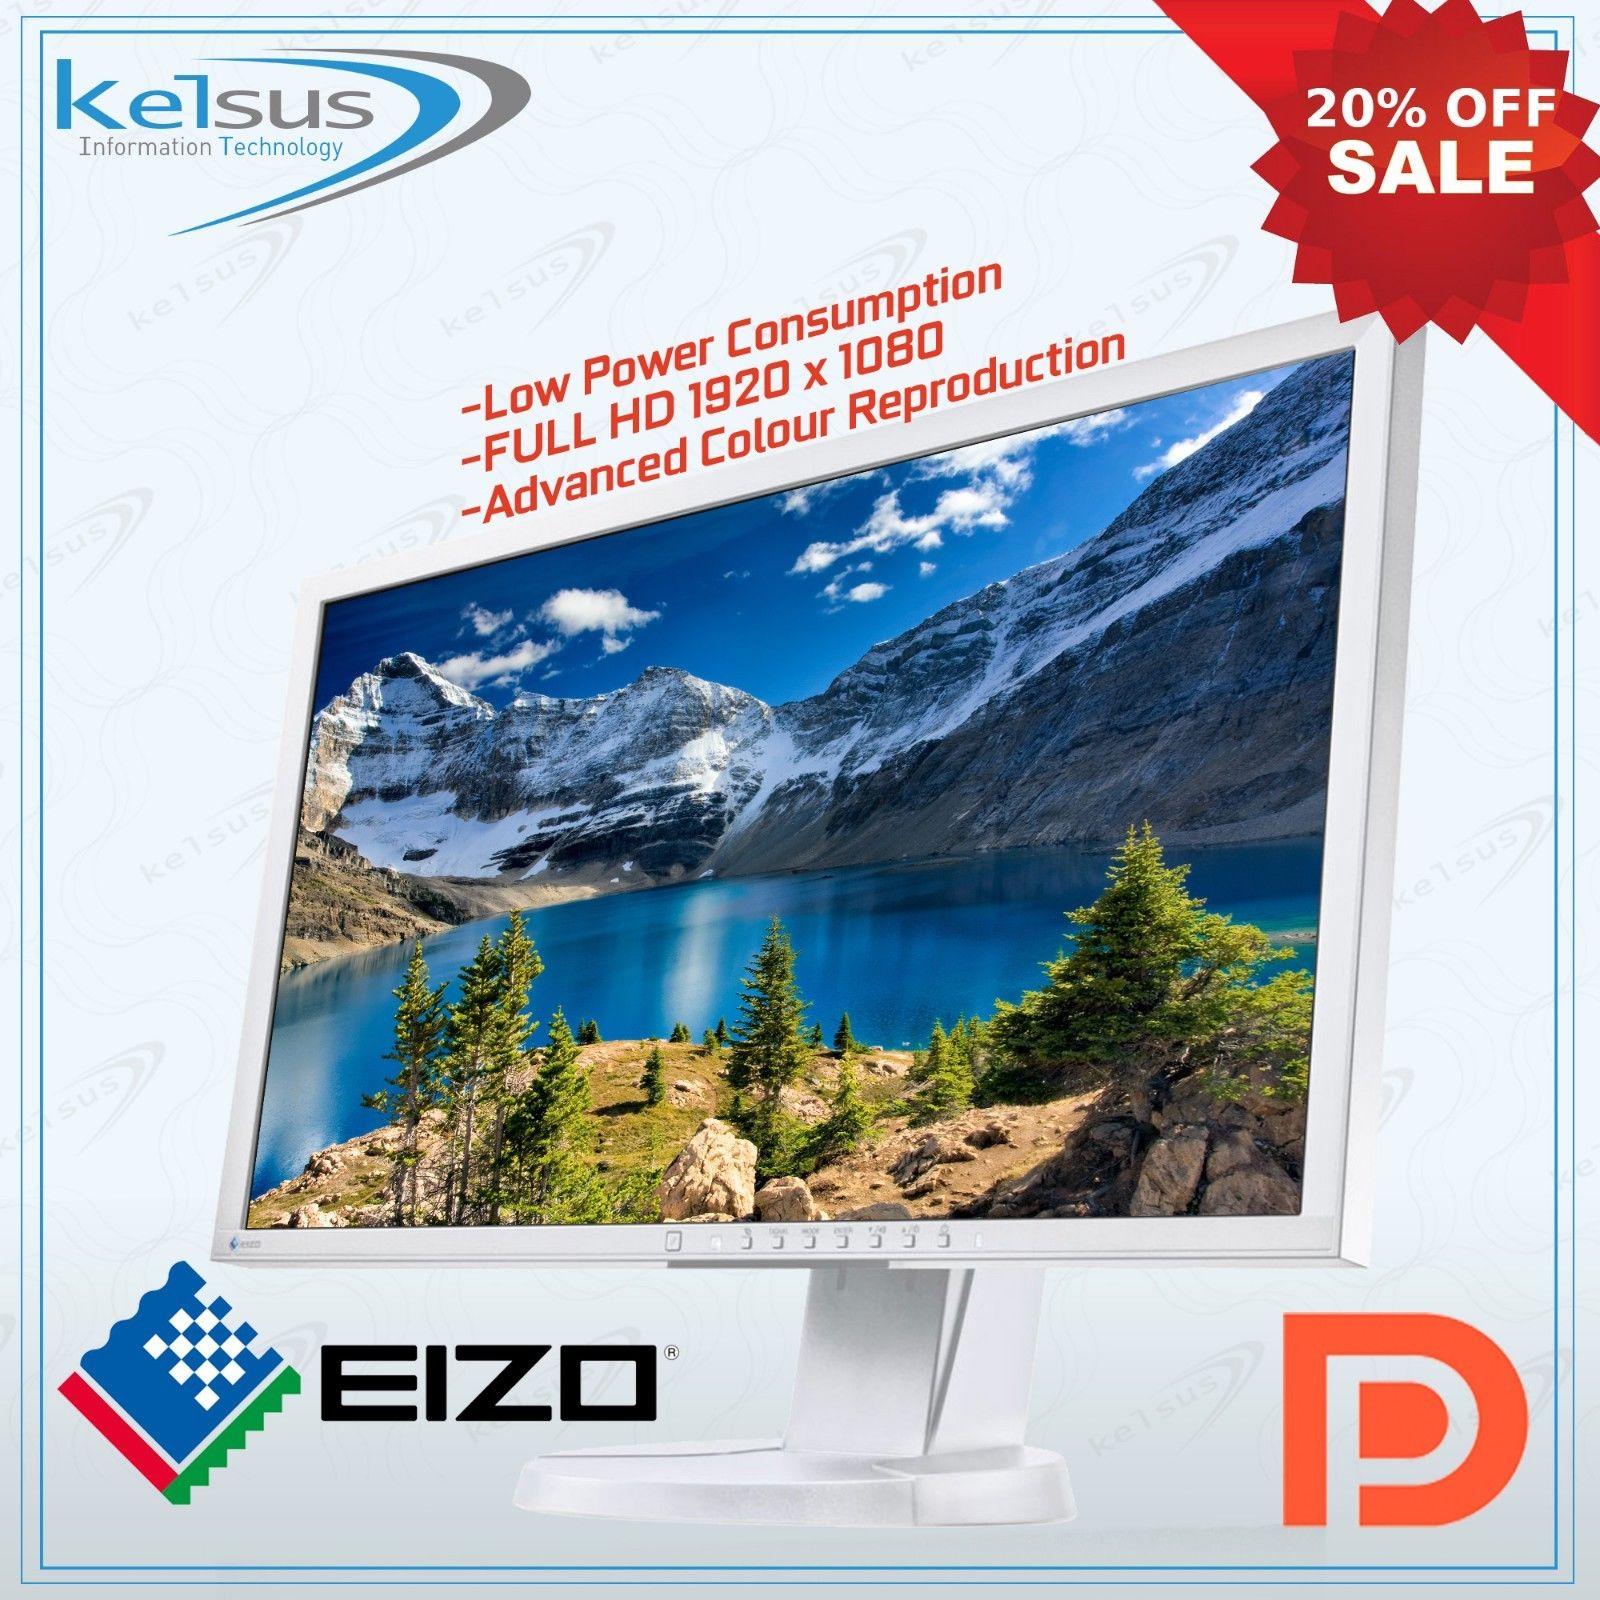 """REFURB Eizo 23"""" AH-IPS monitor 1080p VGA/DVI/DP - £60 @ eBay / kelsusit"""